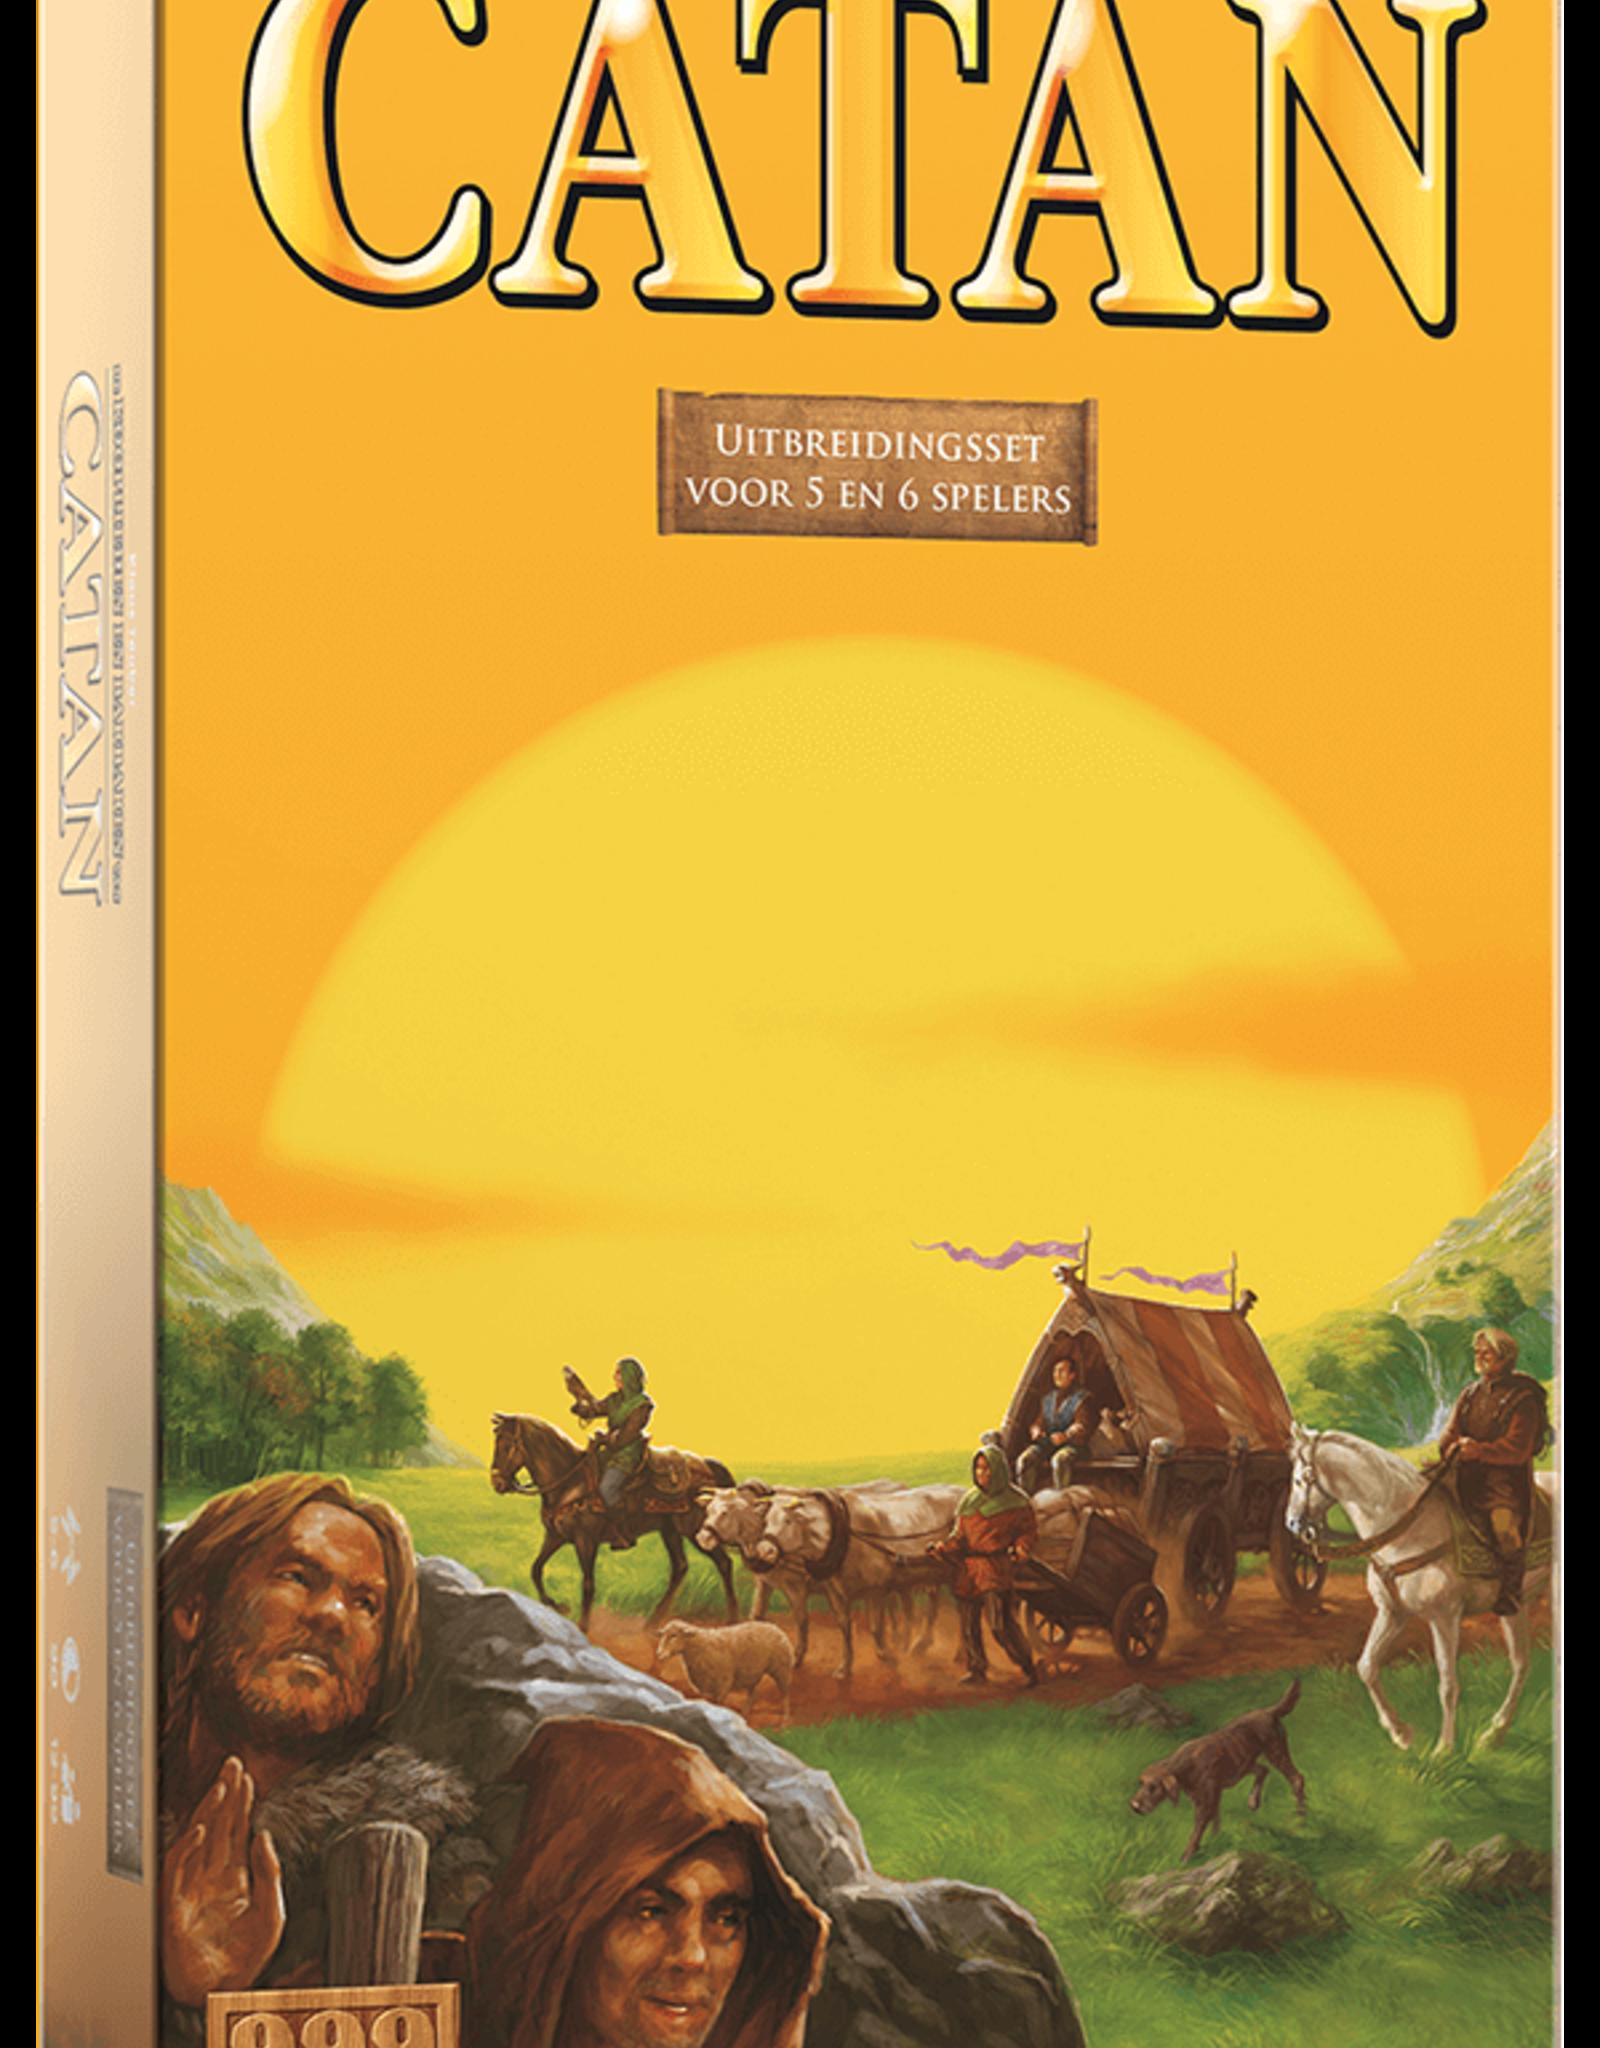 999-Games Catan Kooplieden en Barbaren 5/6 spelers